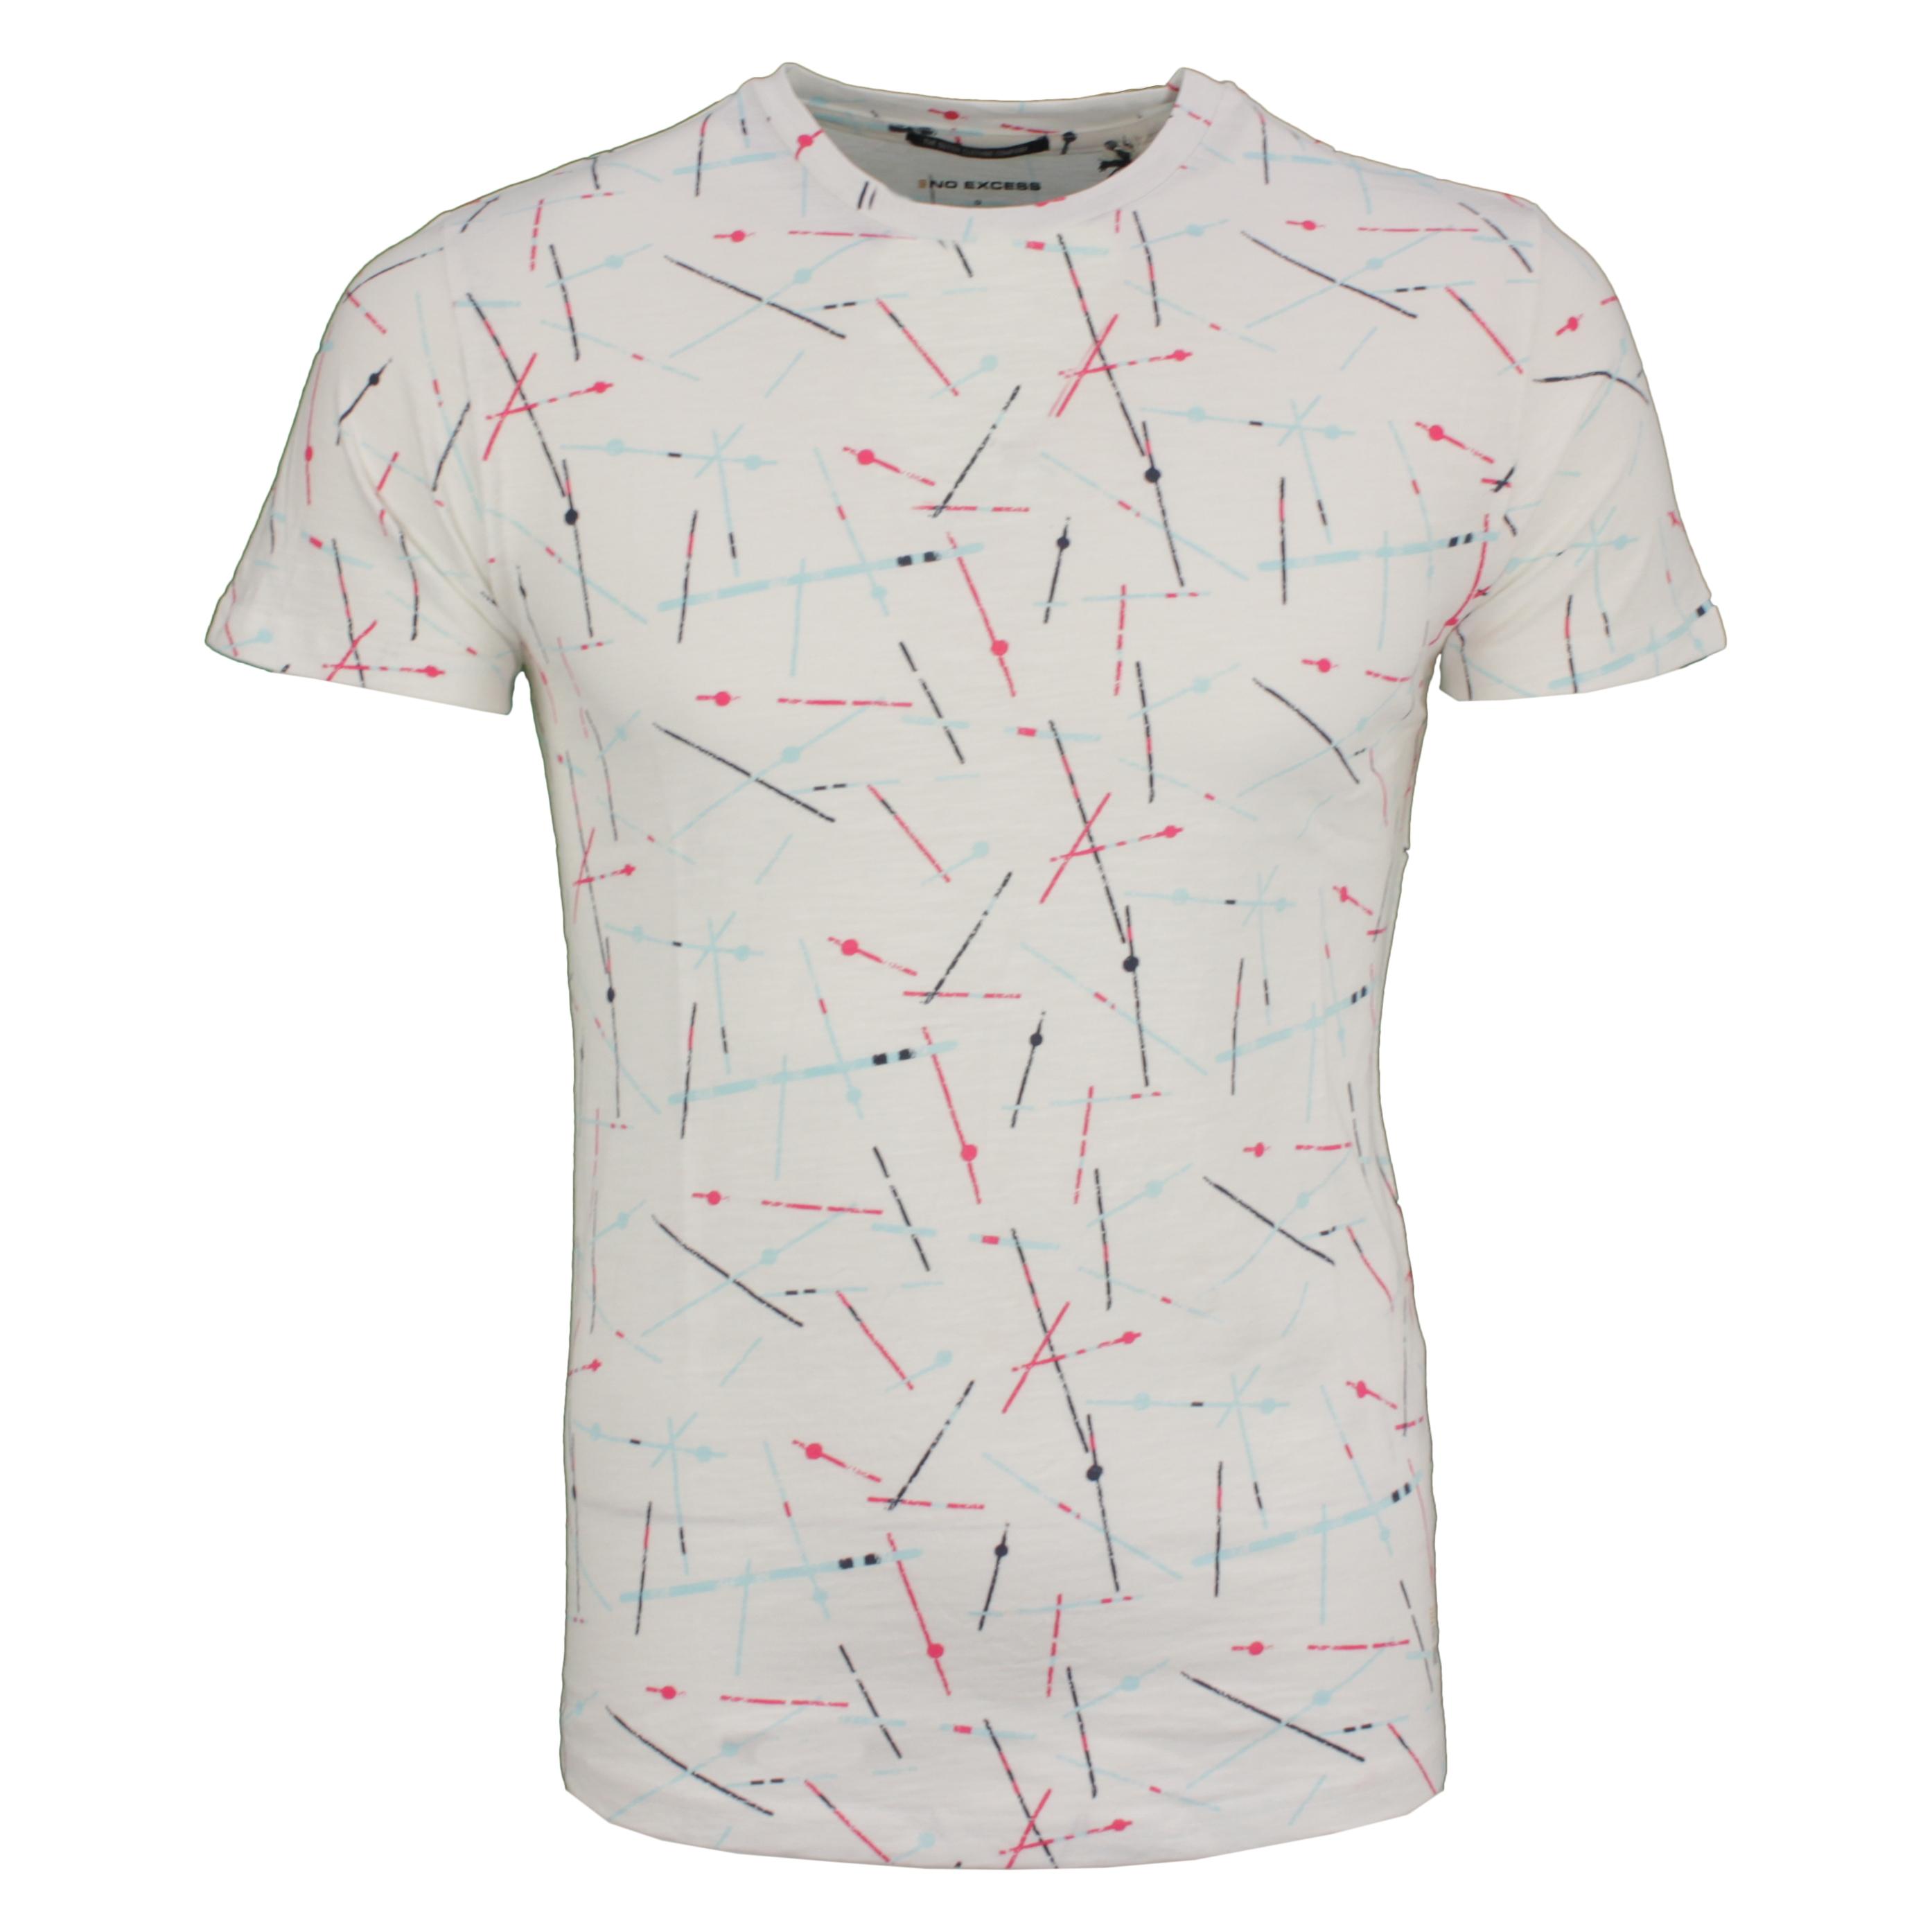 No Excess Herren T-Shirt Shirt kurzarm weiß gemustert 96340506 010